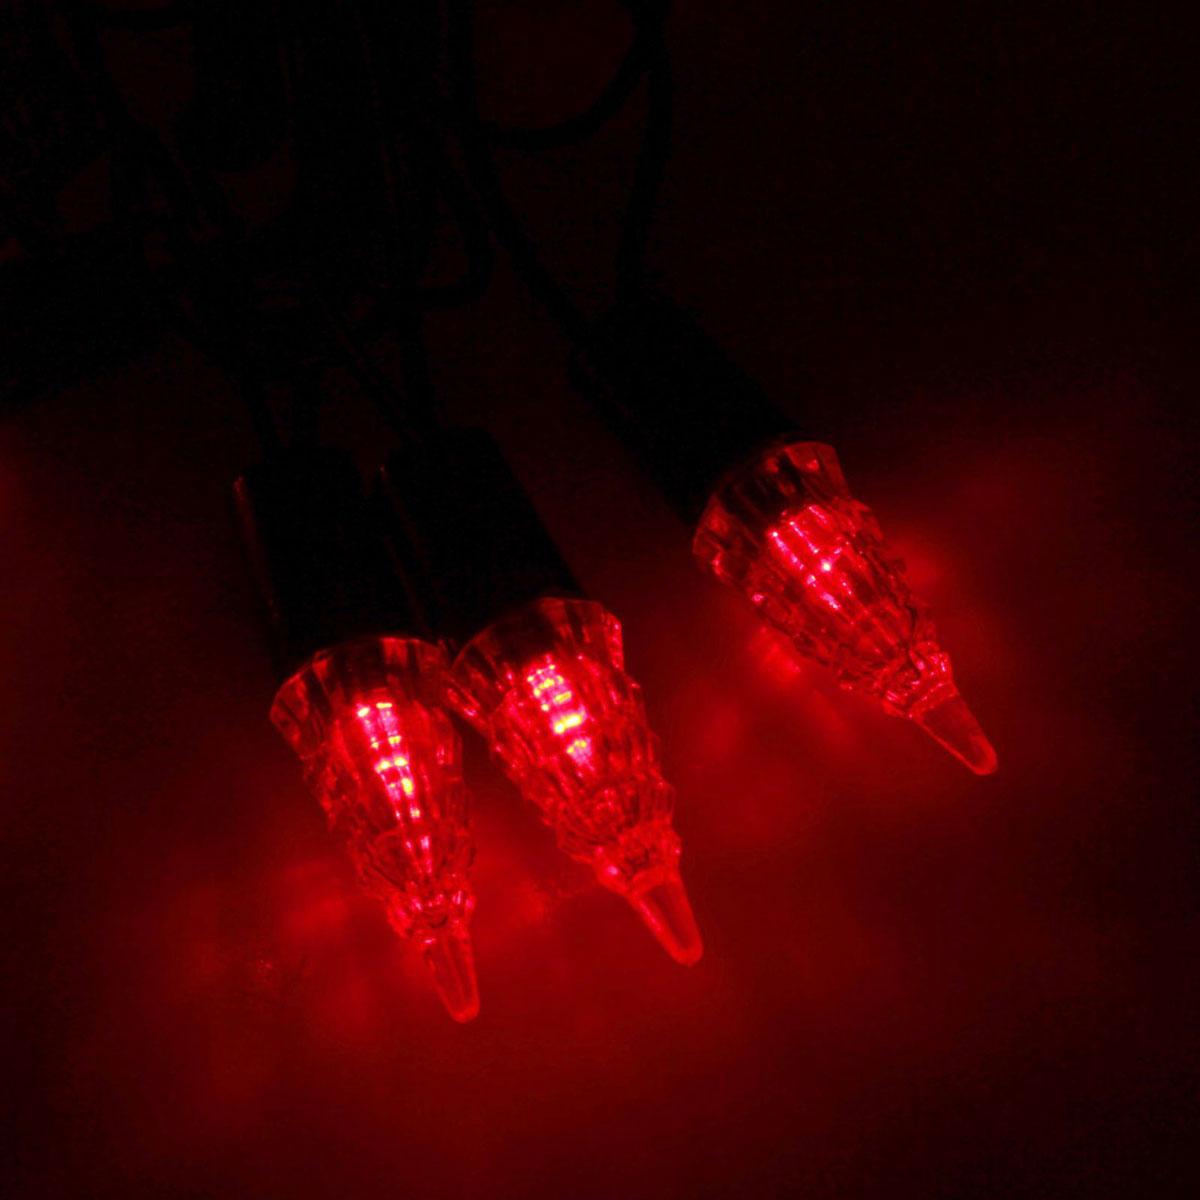 Гирлянда светодиодная Luazon Метраж. Конус, уличная с насадкой, фиксинг, 40 ламп, 220 V, 5 м, цвет: красный. 10800561080056Светодиодные гирлянды, ленты и т.д. — это отличный вариант для новогоднего оформления интерьера или фасада. С их помощью помещение любого размера можно превратить в праздничный зал, а внешние элементы зданий, украшенные ими, мгновенно станут напоминать очертания сказочного дворца. Такие украшения создают ауру предвкушения чуда. Деревья, фасады, витрины, окна и арки будто специально созданы, чтобы вы украсили их светящимися нитями.